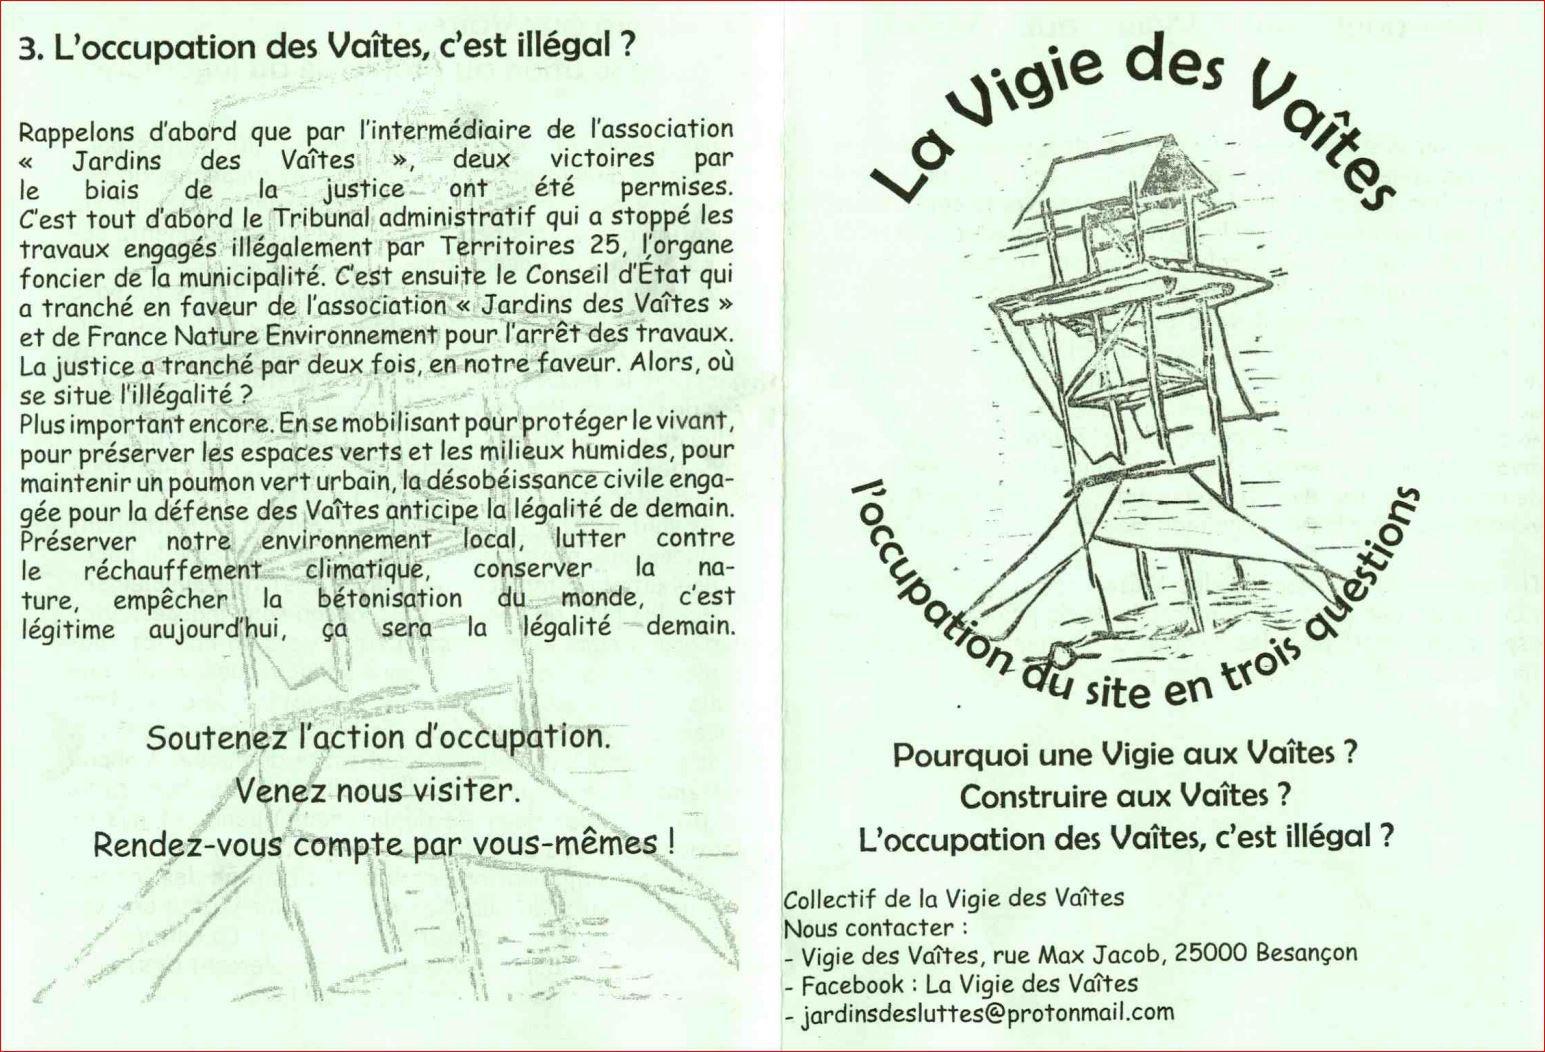 tract de la vigie des vaîtes : l'occupation des vaîtes c'est illégal ?